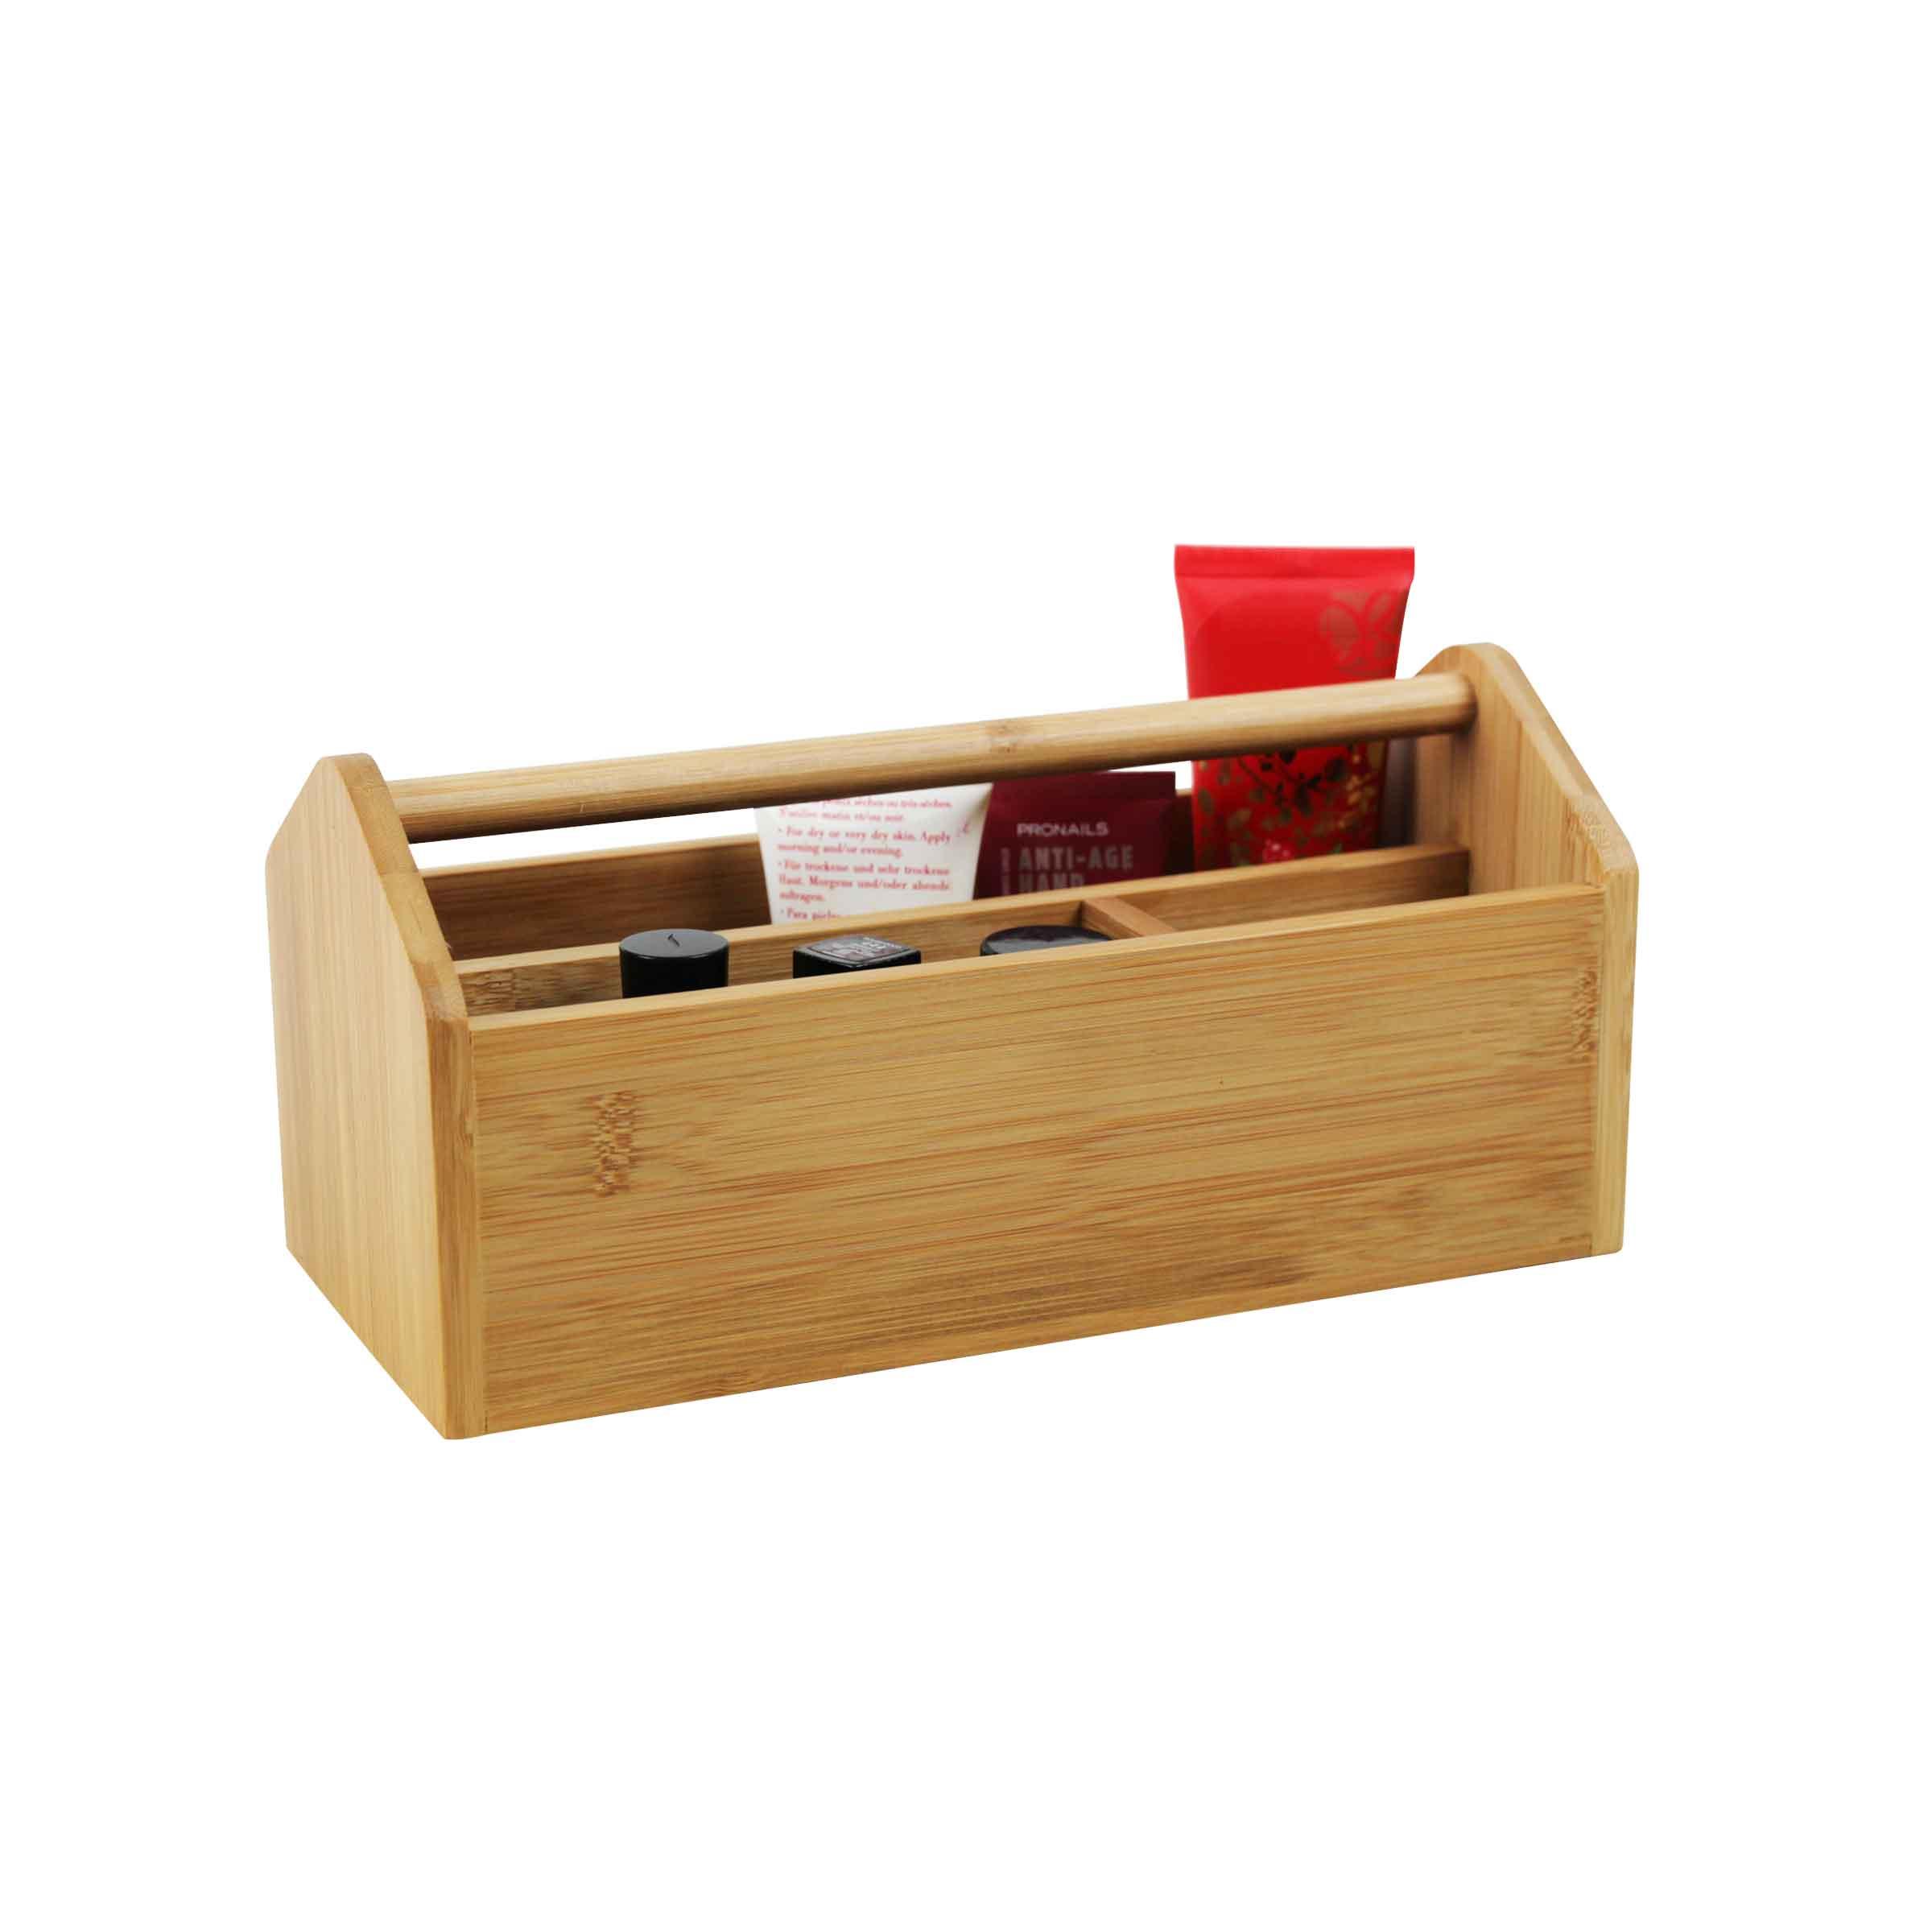 boîte de rangement en bois pour maquillage avec compartiments